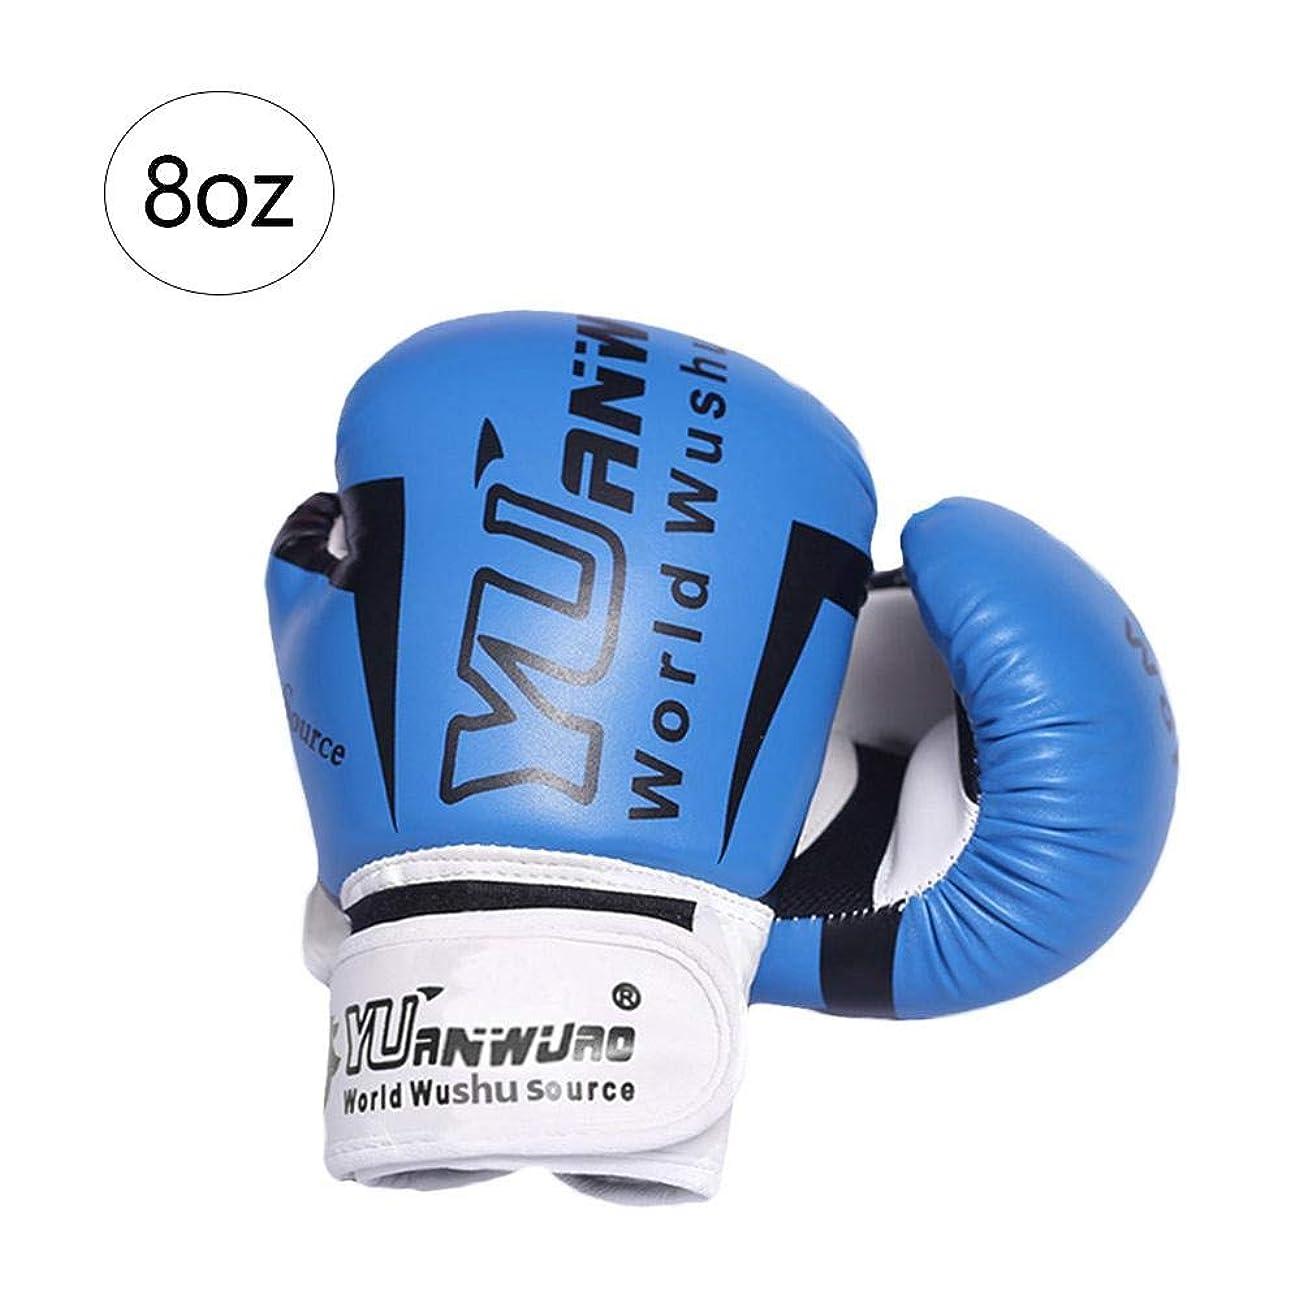 登録するセラー溶かすEasylifee ボクシンググローブ パンチンググローブ キックボクシング ボクシング手袋PUレザートレーニング手袋 格闘技 空手 ミット